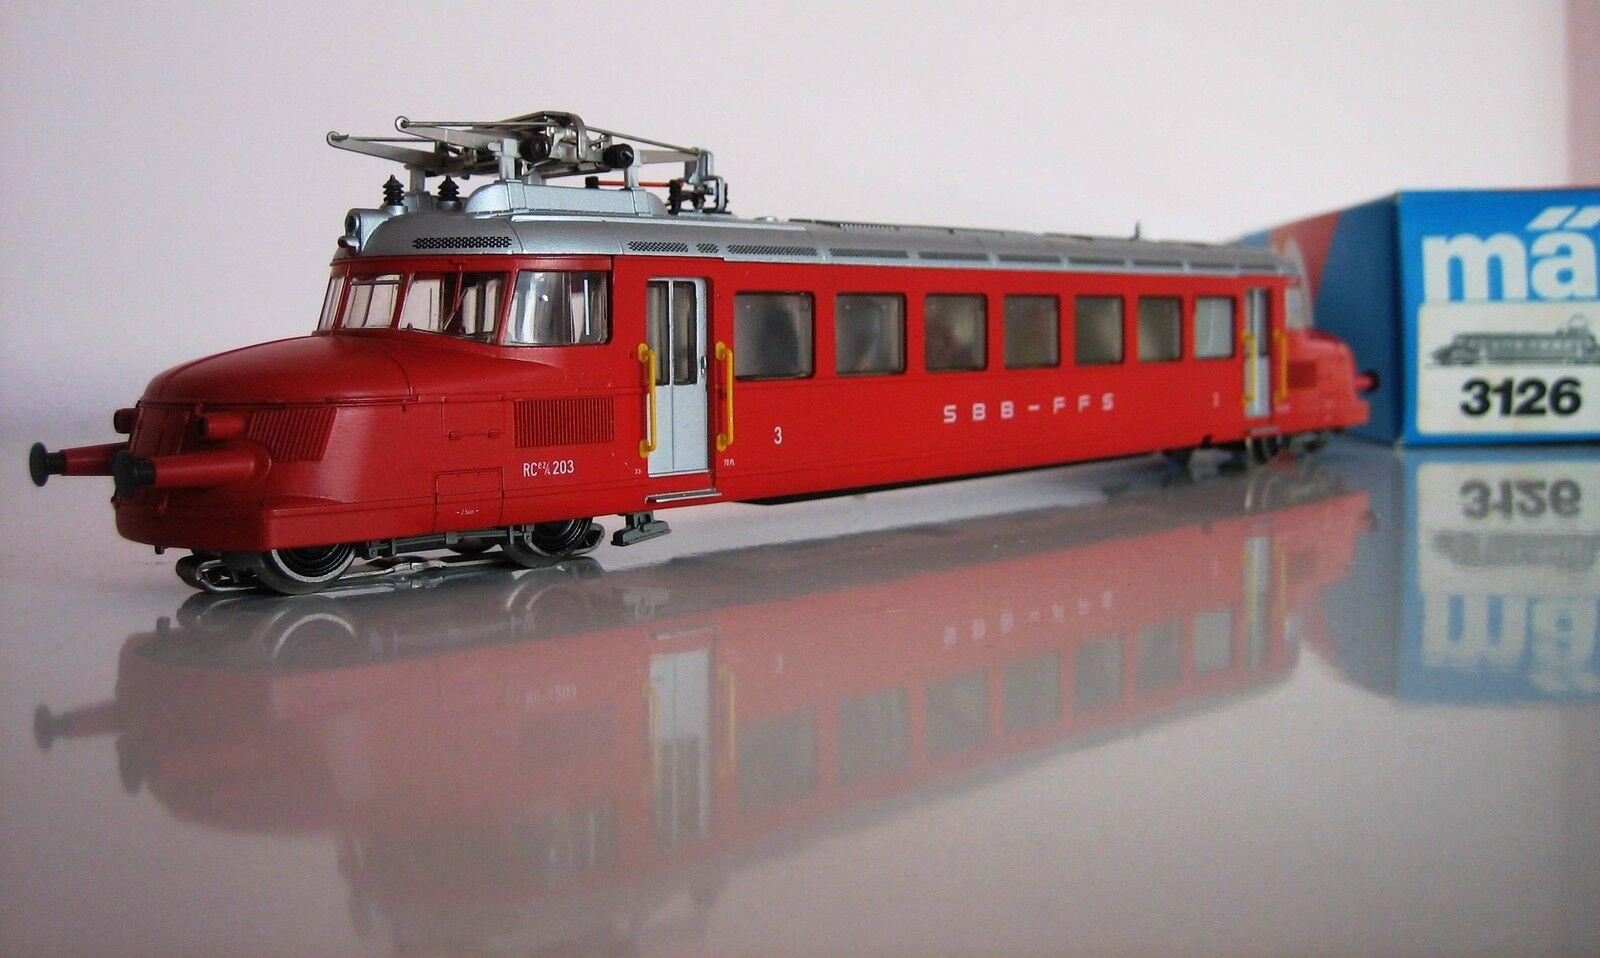 3126 E-Lok FRECCIA ROSSA CONFEZIONE ORIGINALE ottimo stato